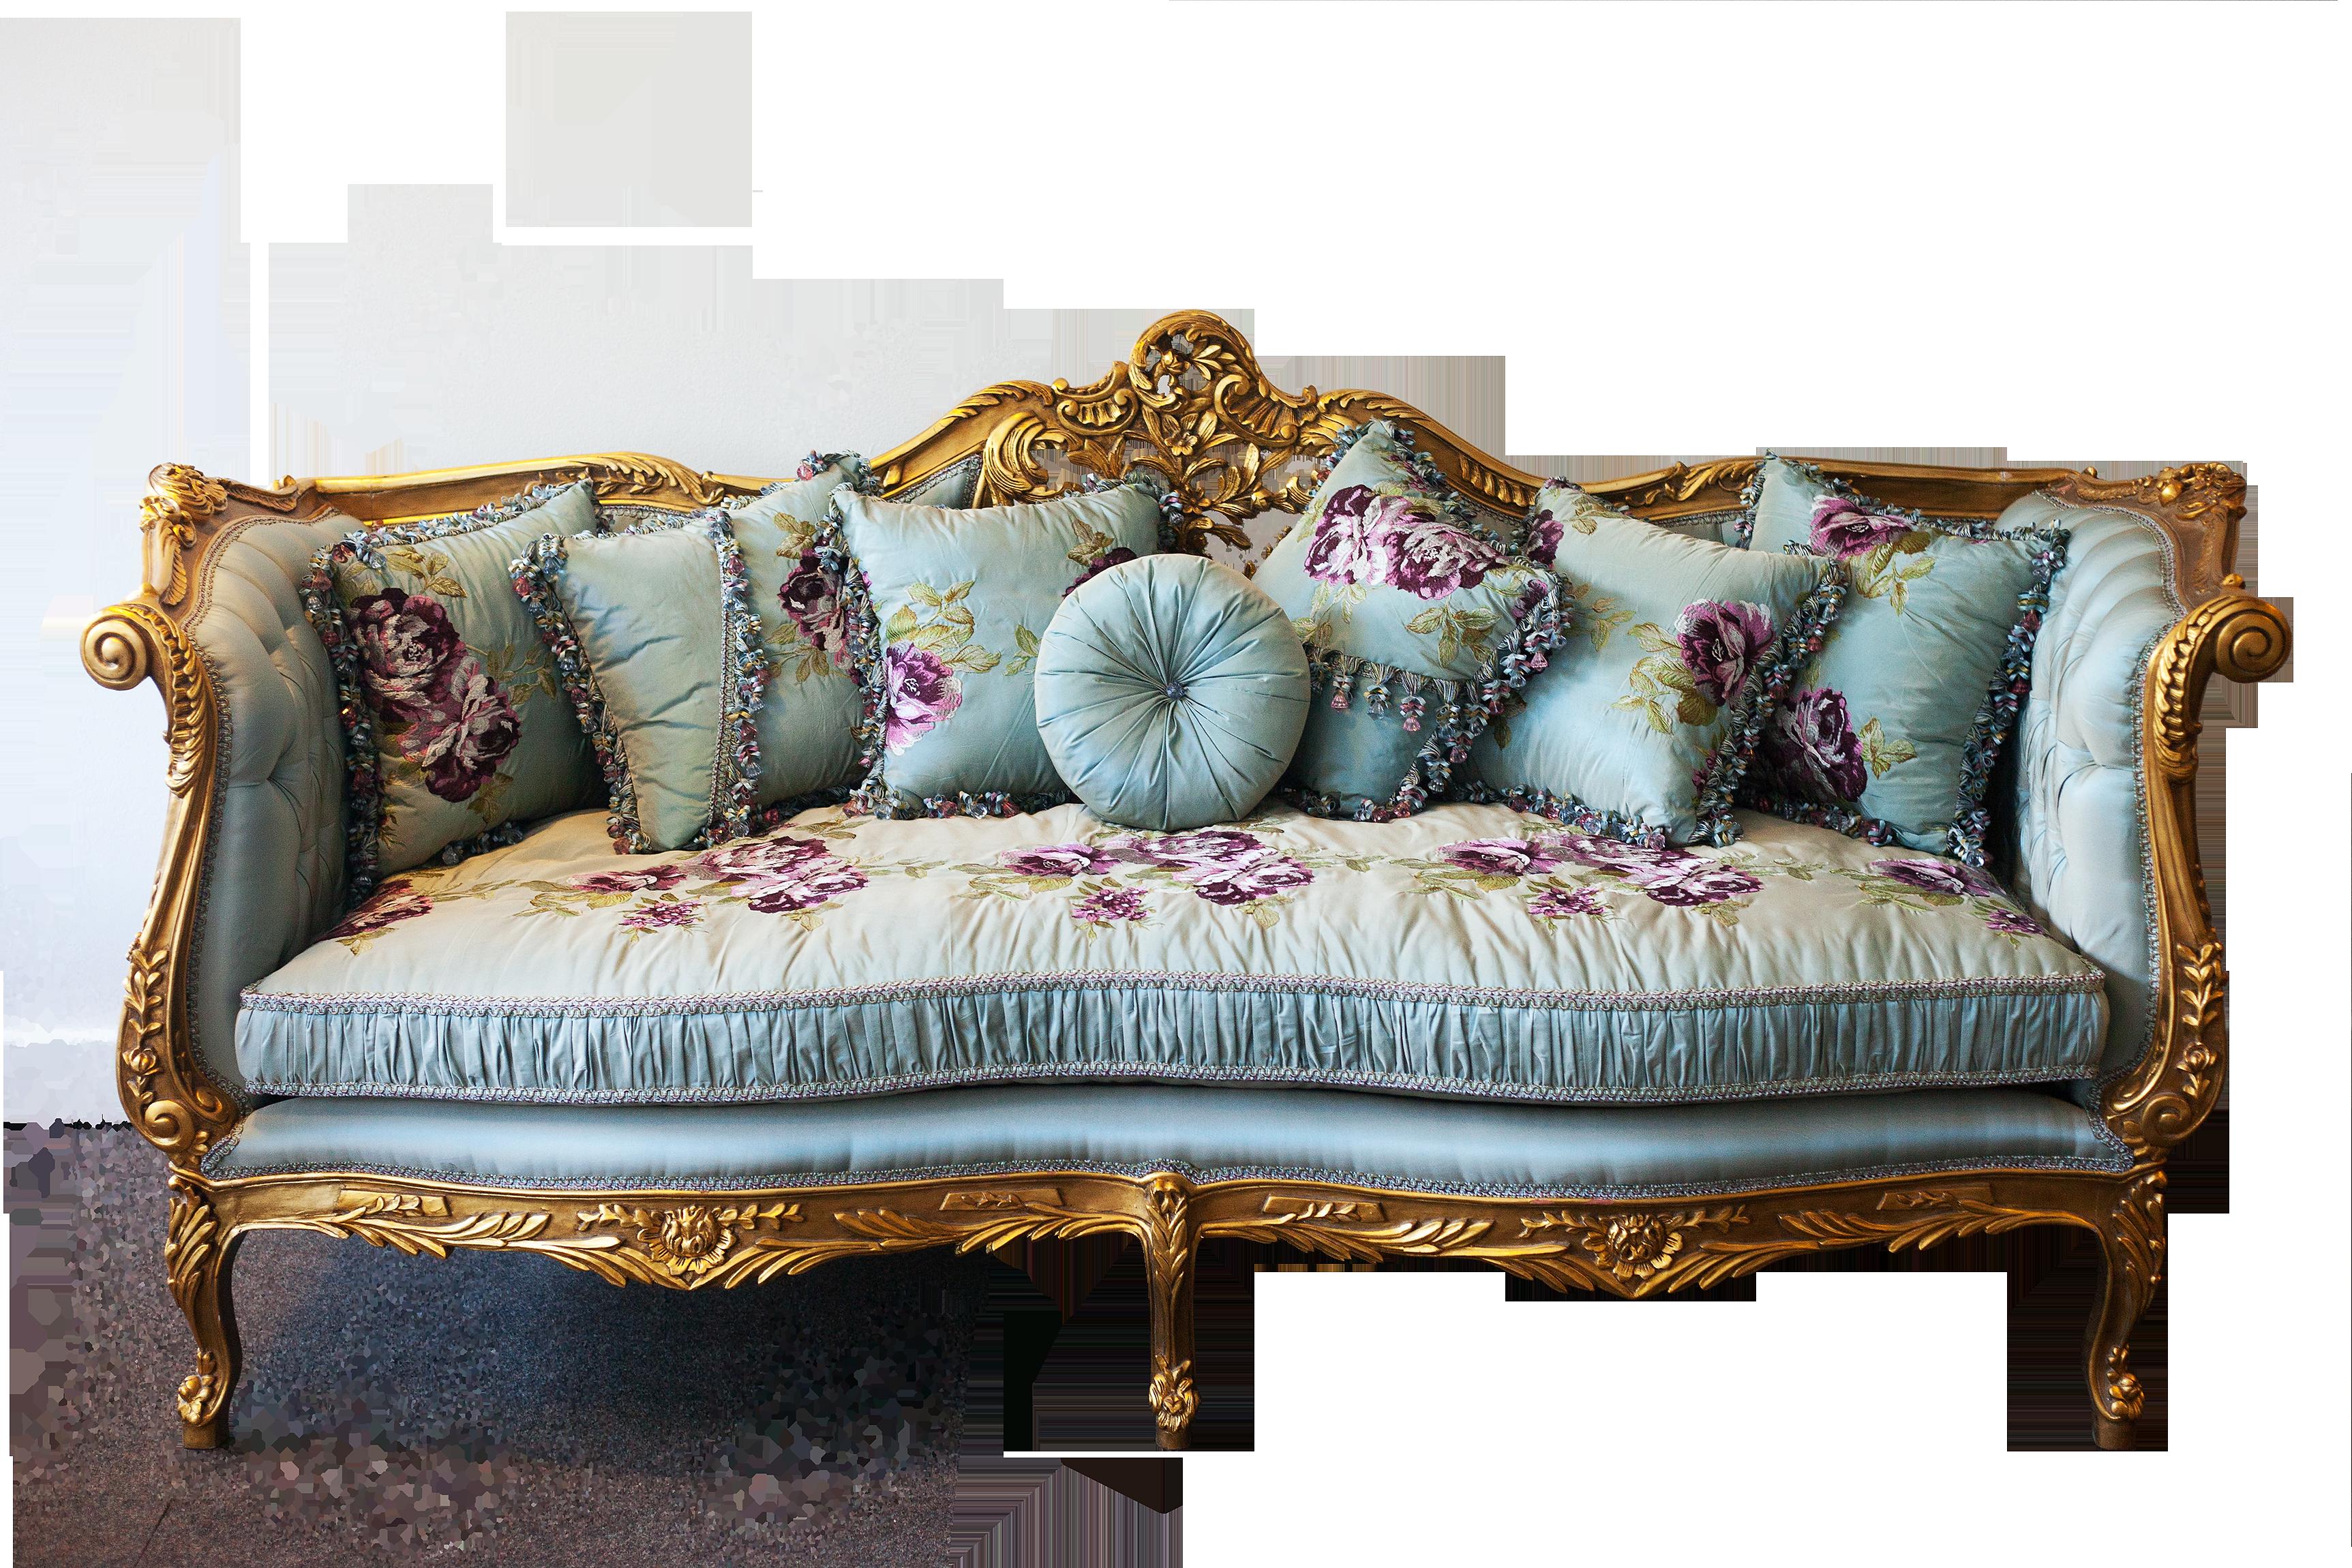 Regal Sofas and Interiors